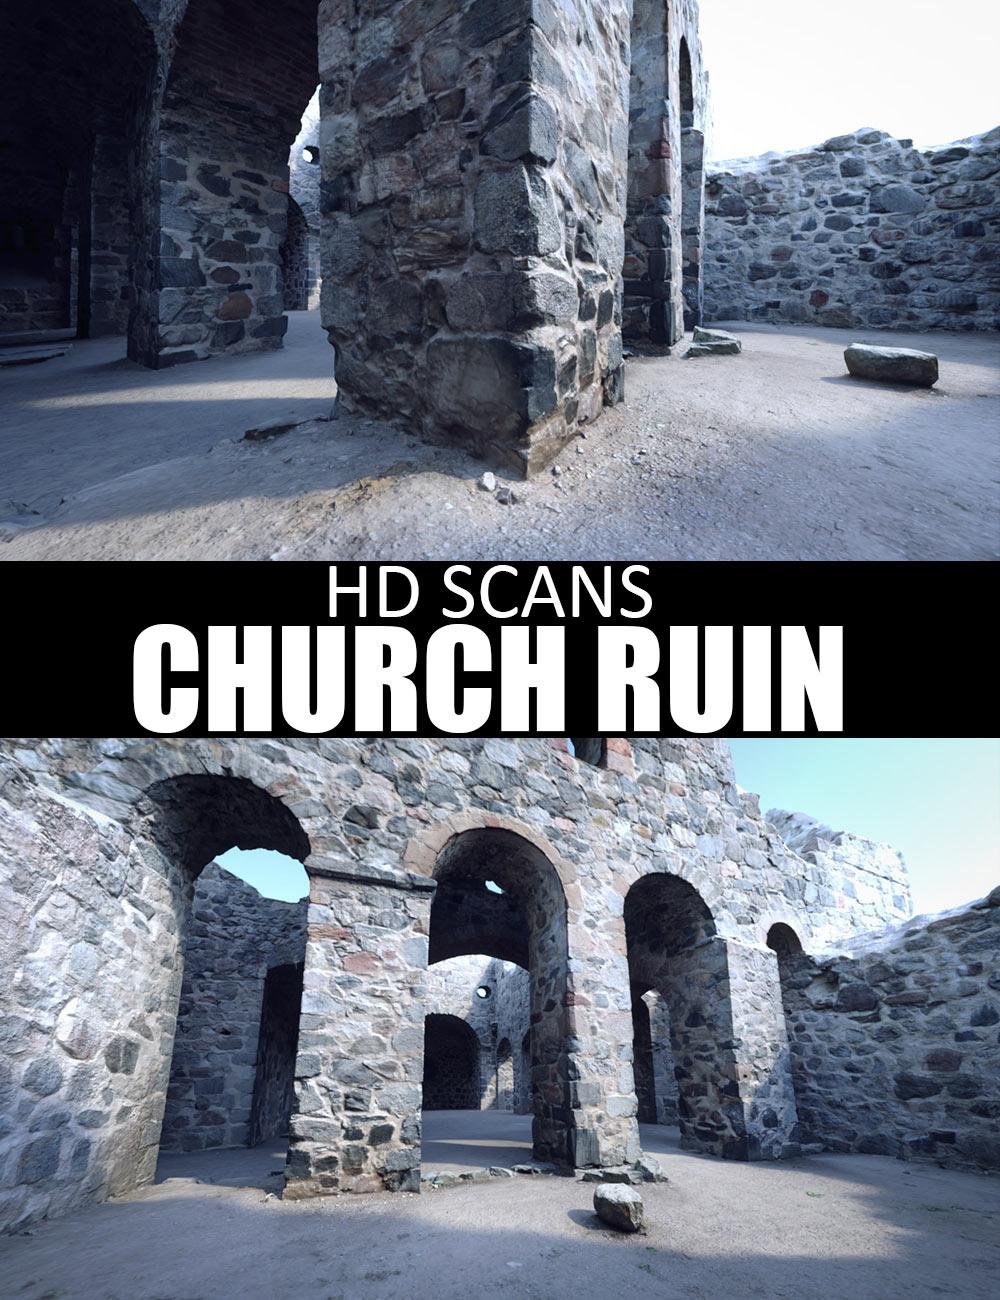 HD Scans Church Ruin by: Dreamlight, 3D Models by Daz 3D